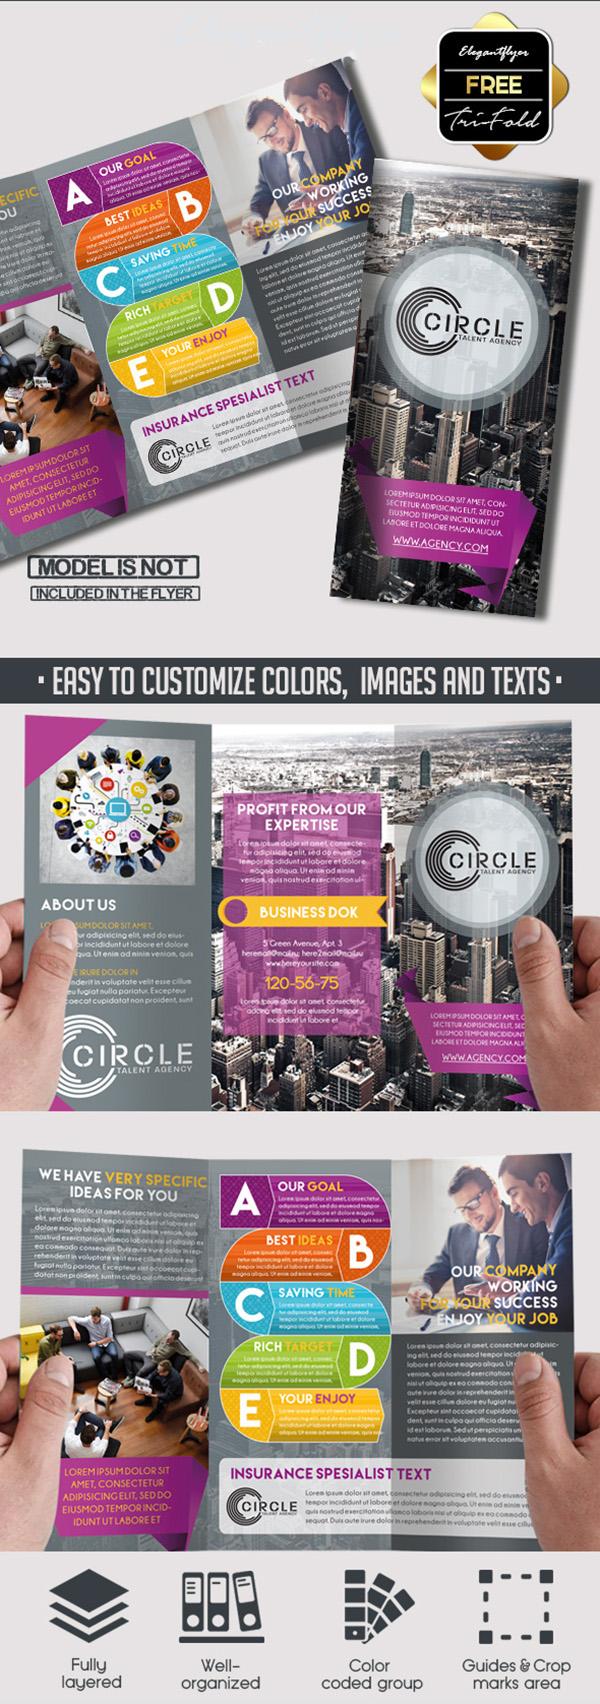 01 Agency – Free PSD Tri-Fold PSD Brochure Template